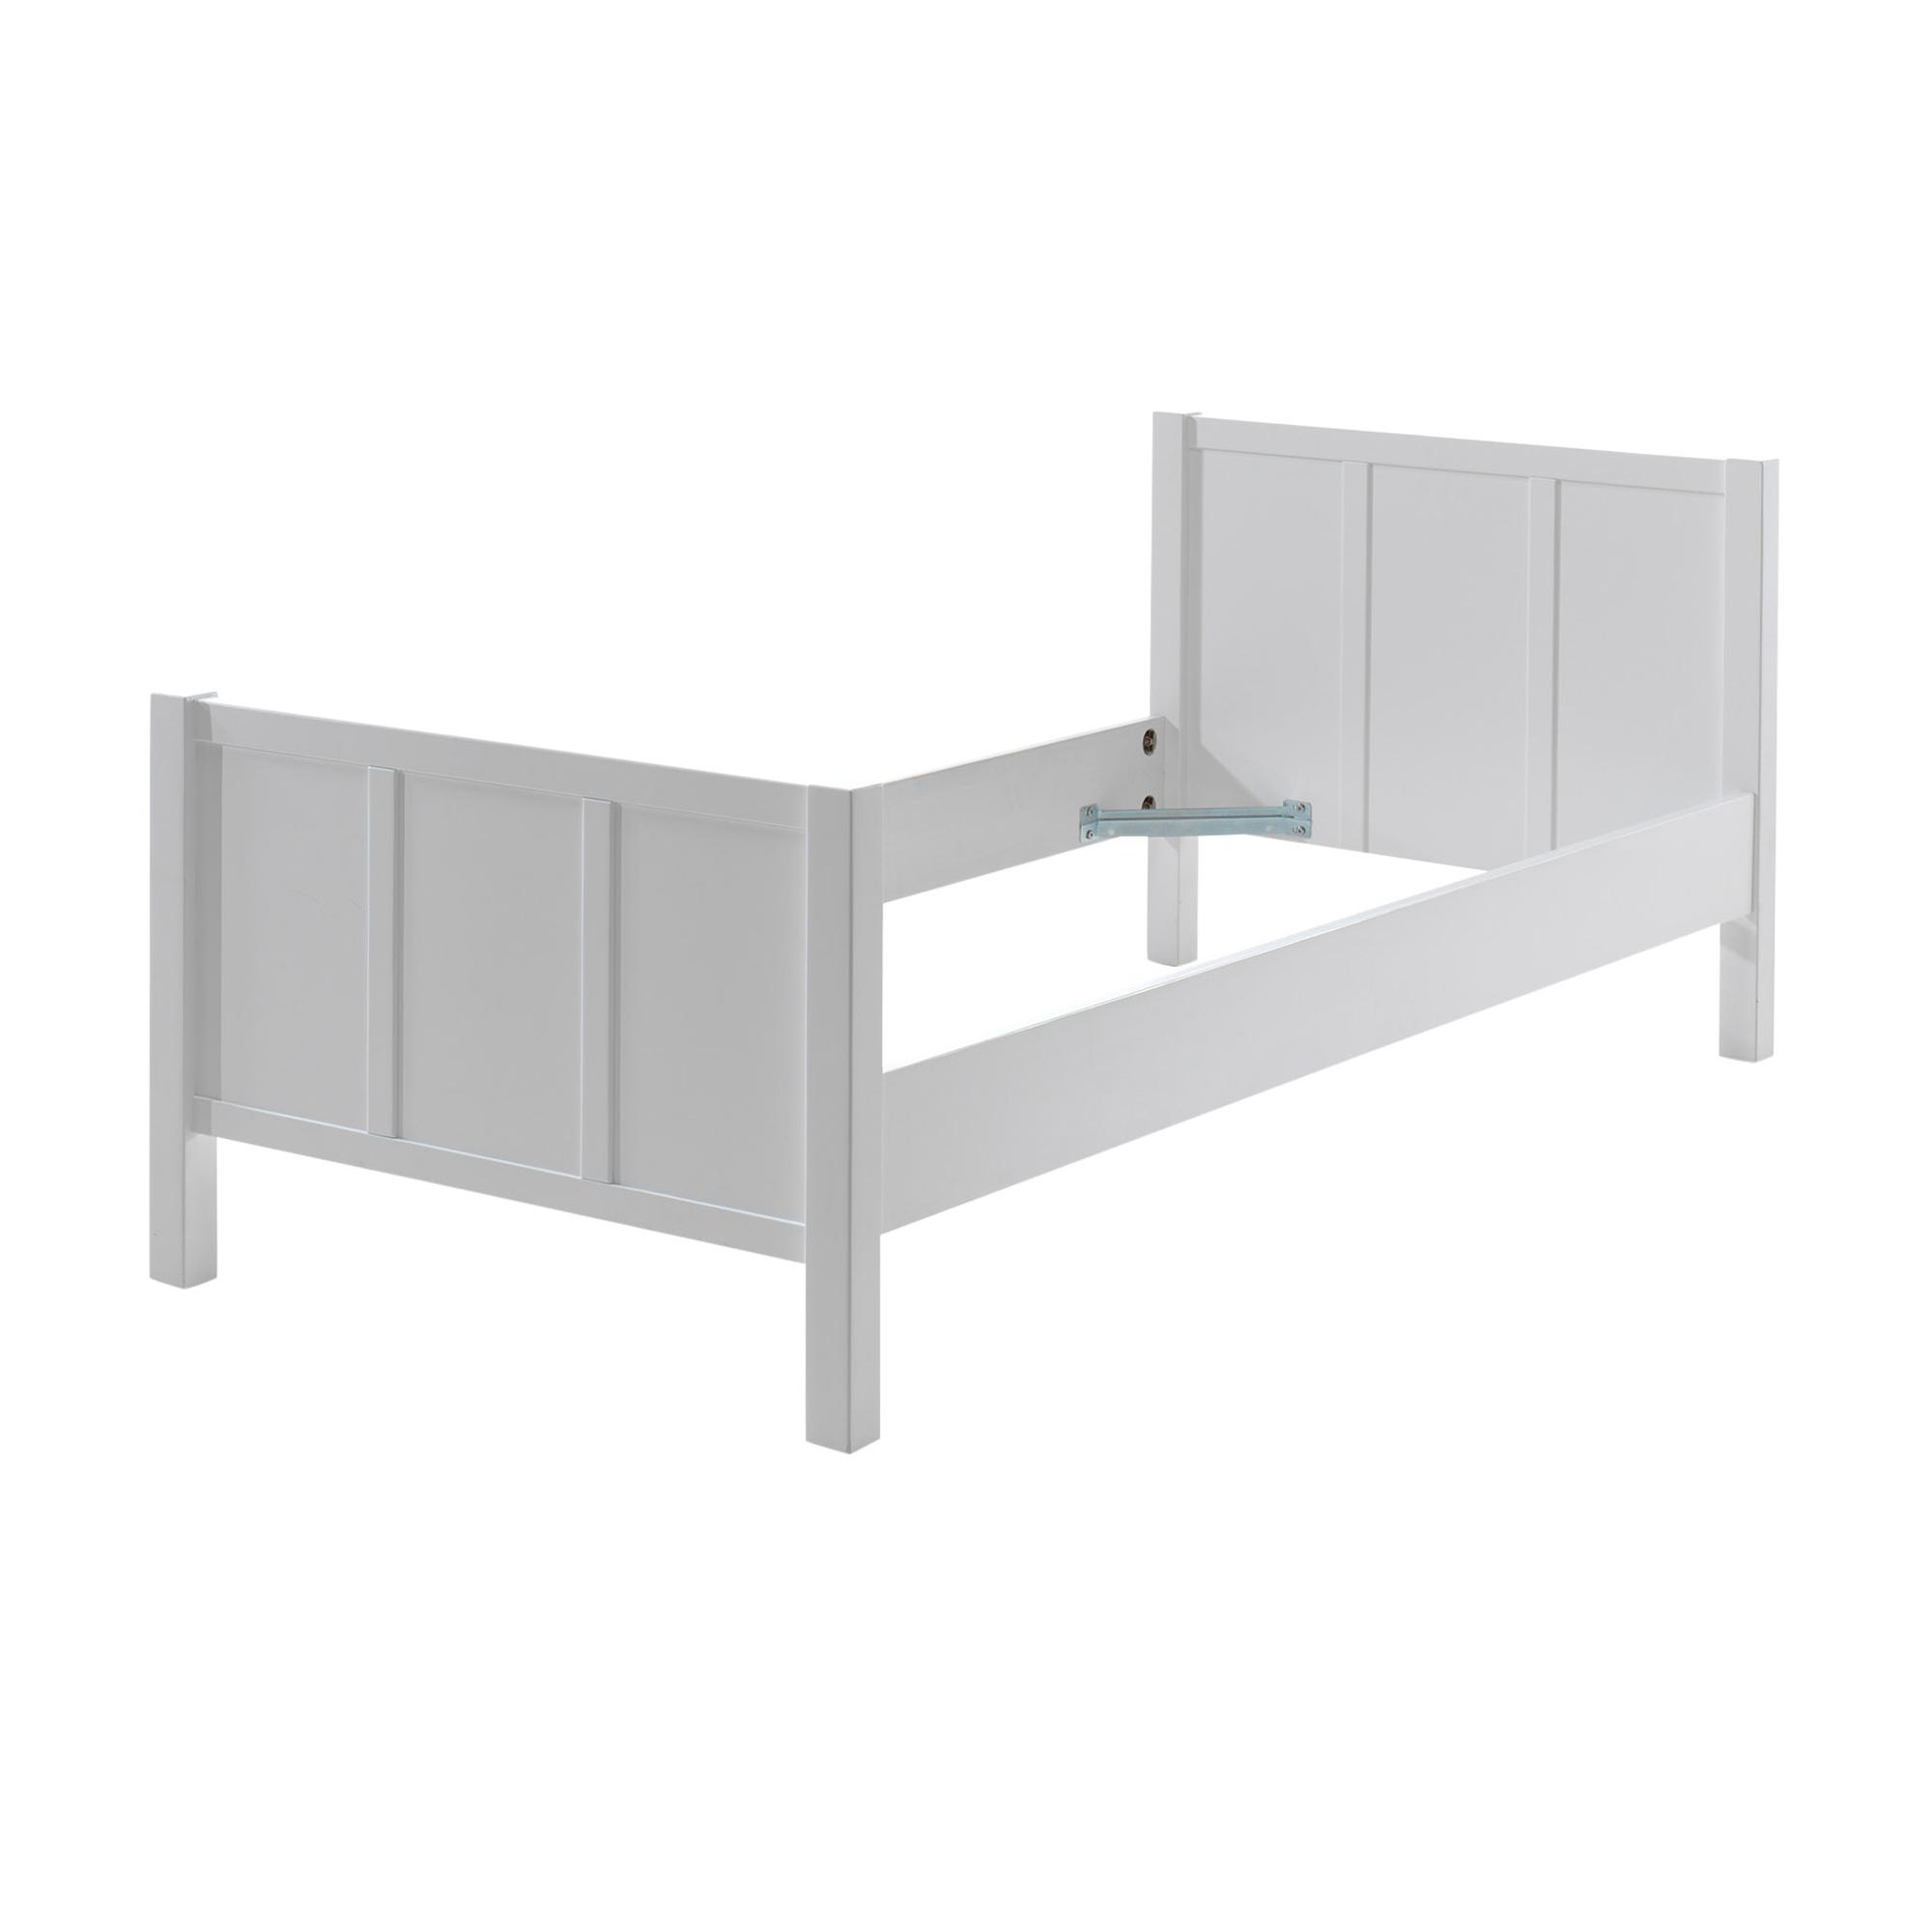 Details Zu Kinderbett Jungenbett Mädchenbett Jugendbett Einzelbett Bett 90 X 200 Cm Weiss